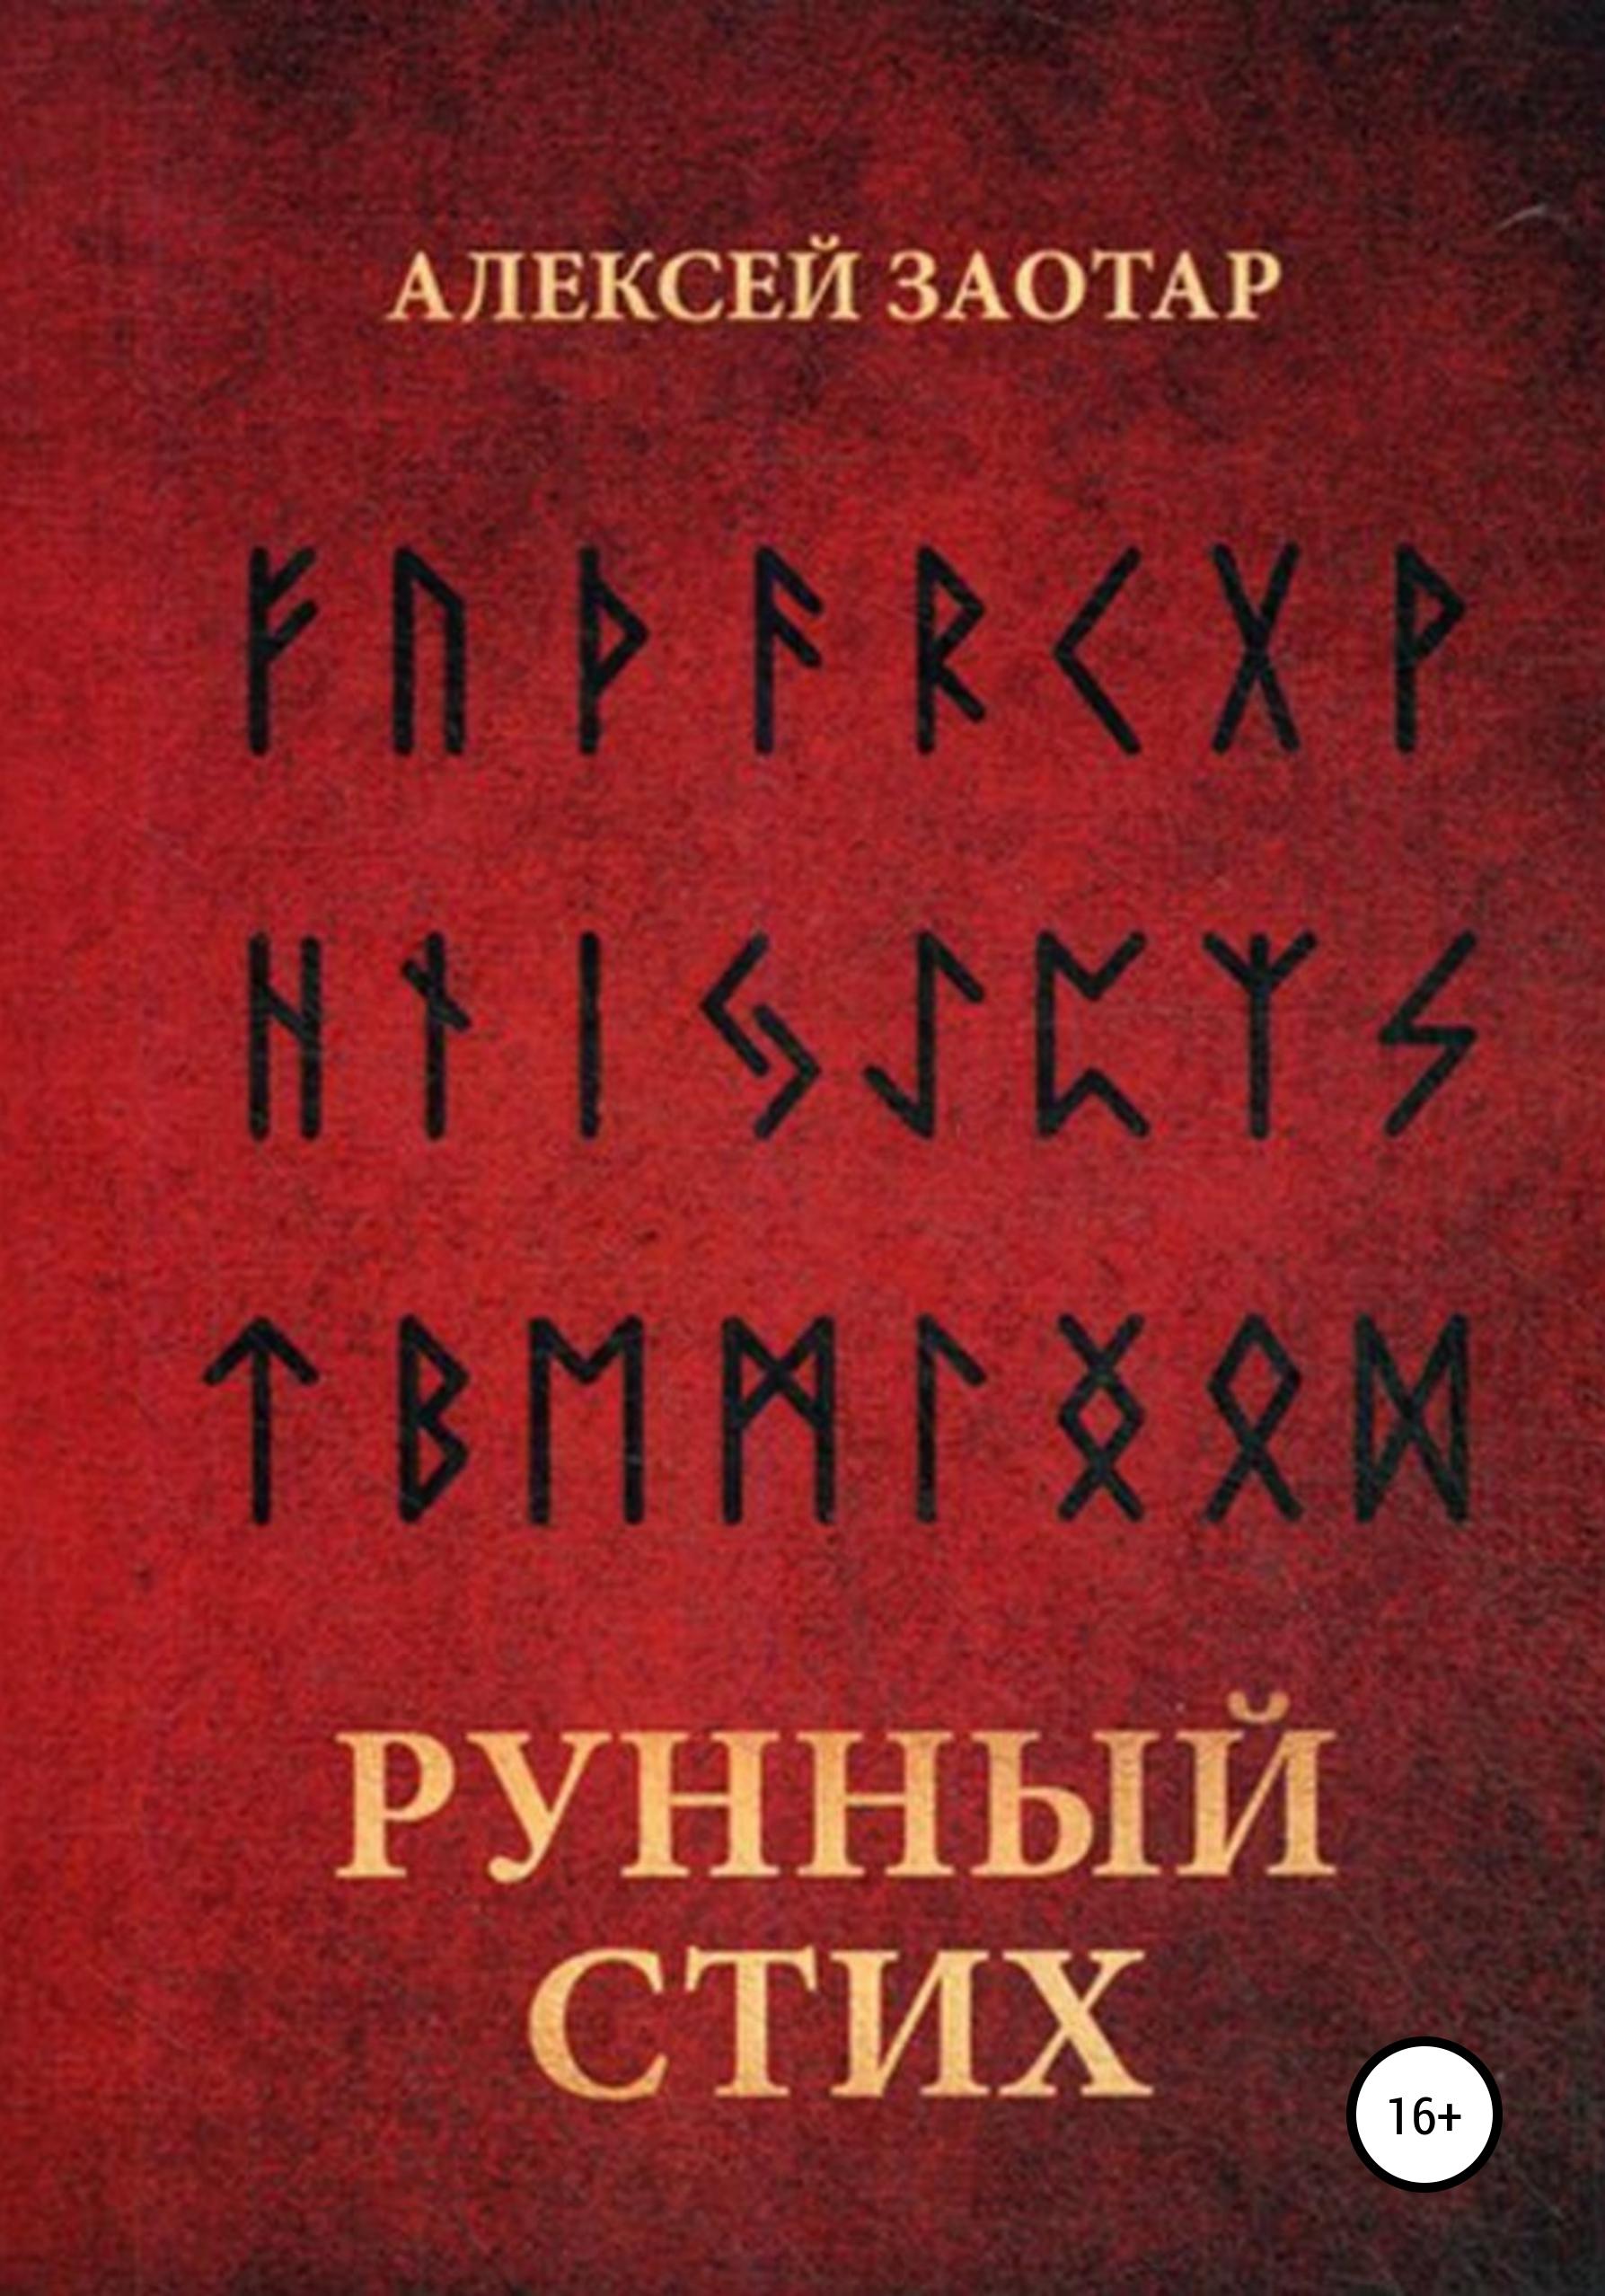 Алексей Заотар - Рунный стих